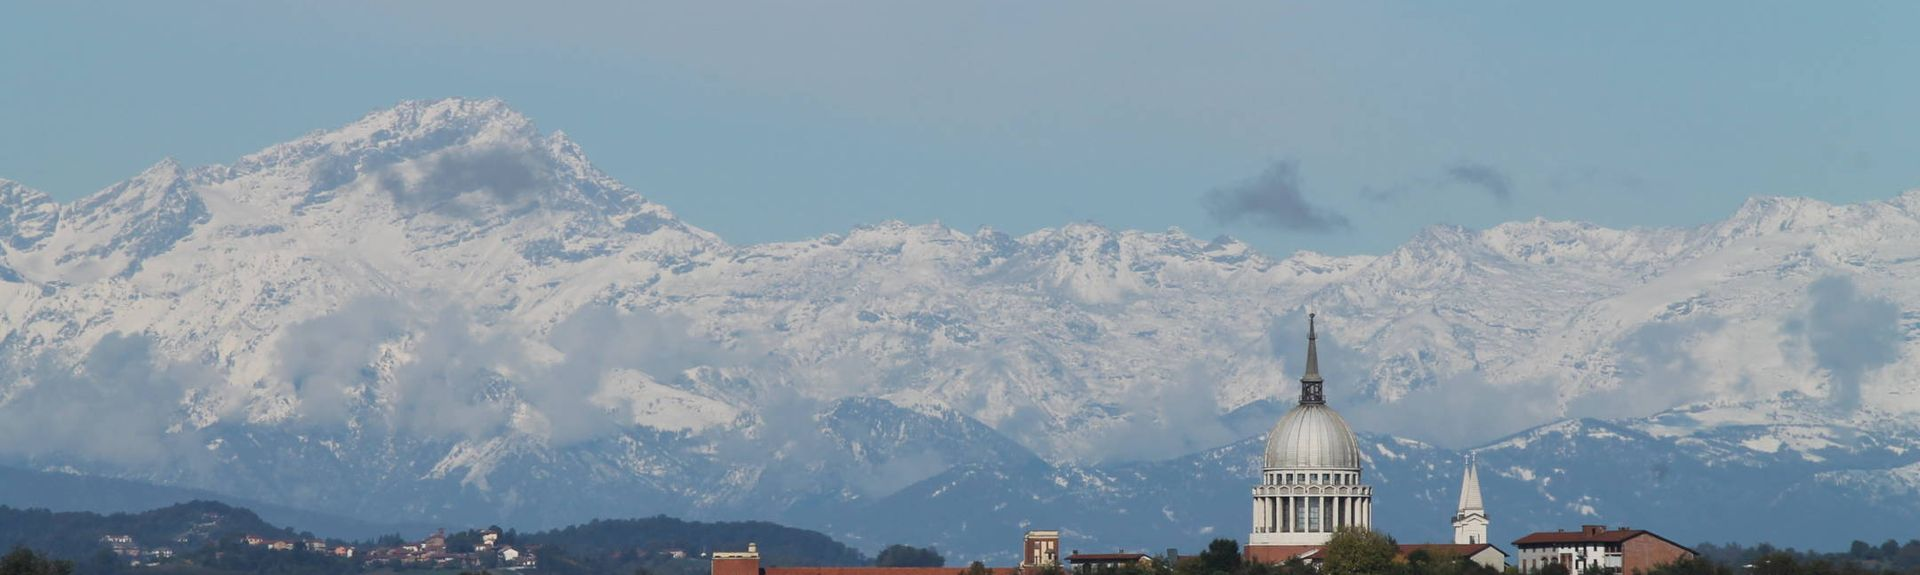 Chieri, Metropolitan City of Turin, Piedmont, Italy